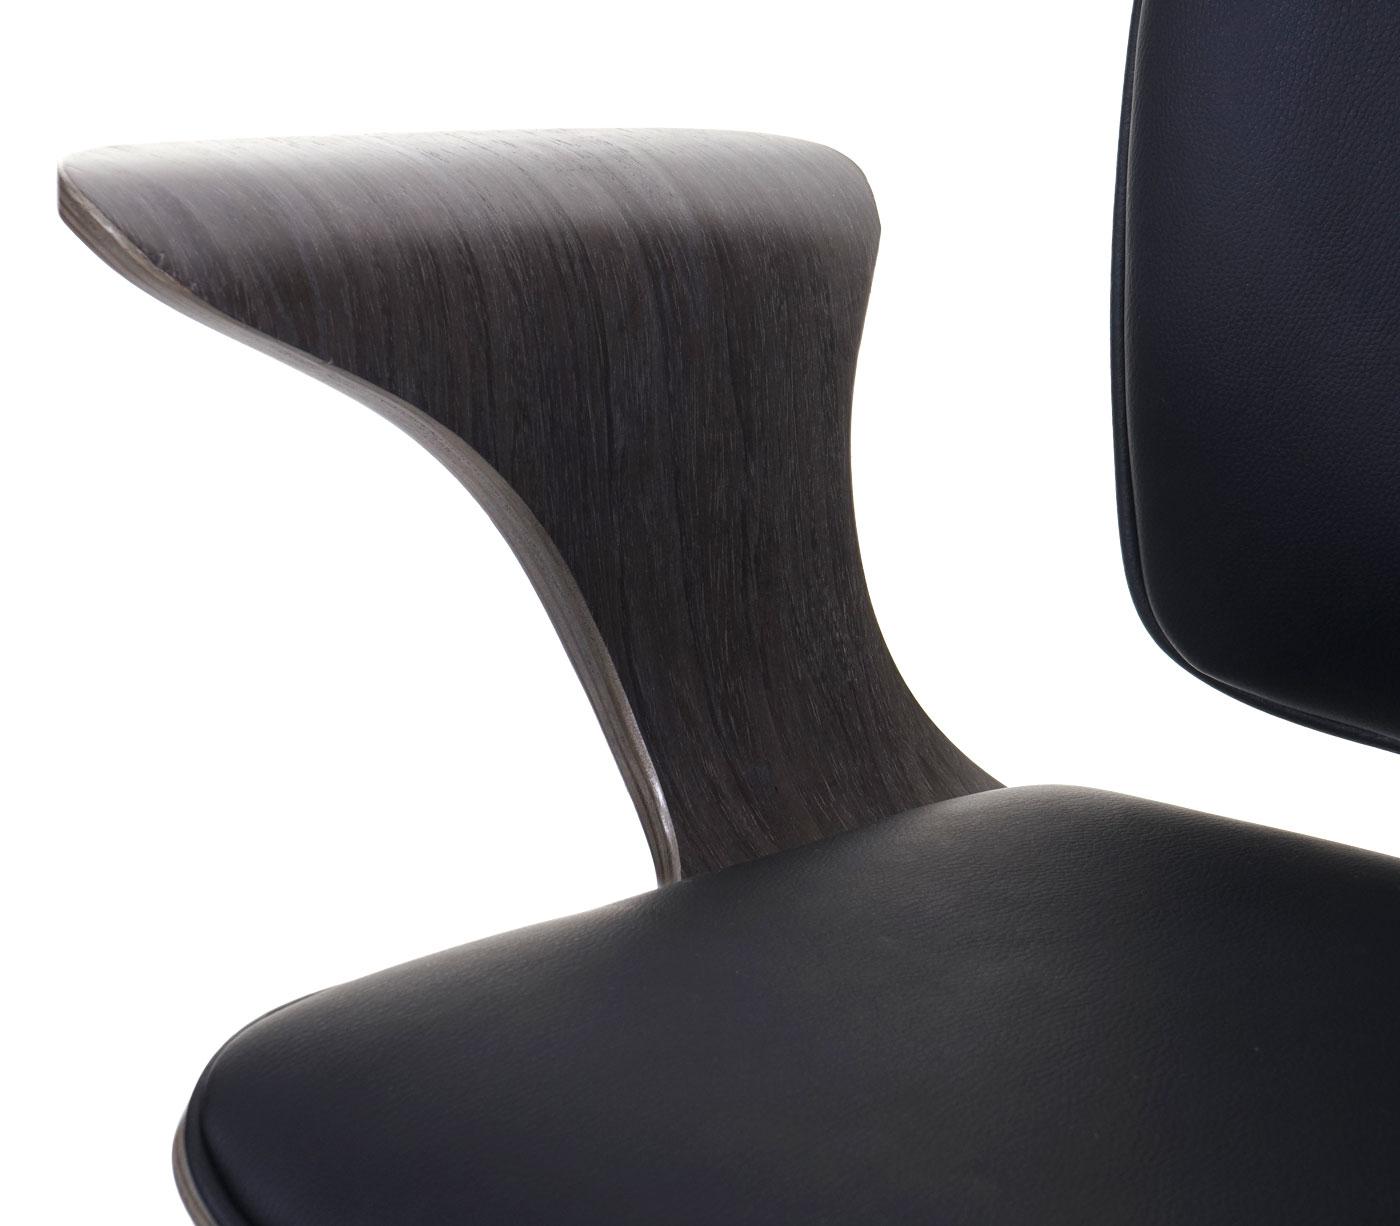 Details Bürostuhl HWC-C54, Grau Sitzfläche schwarz